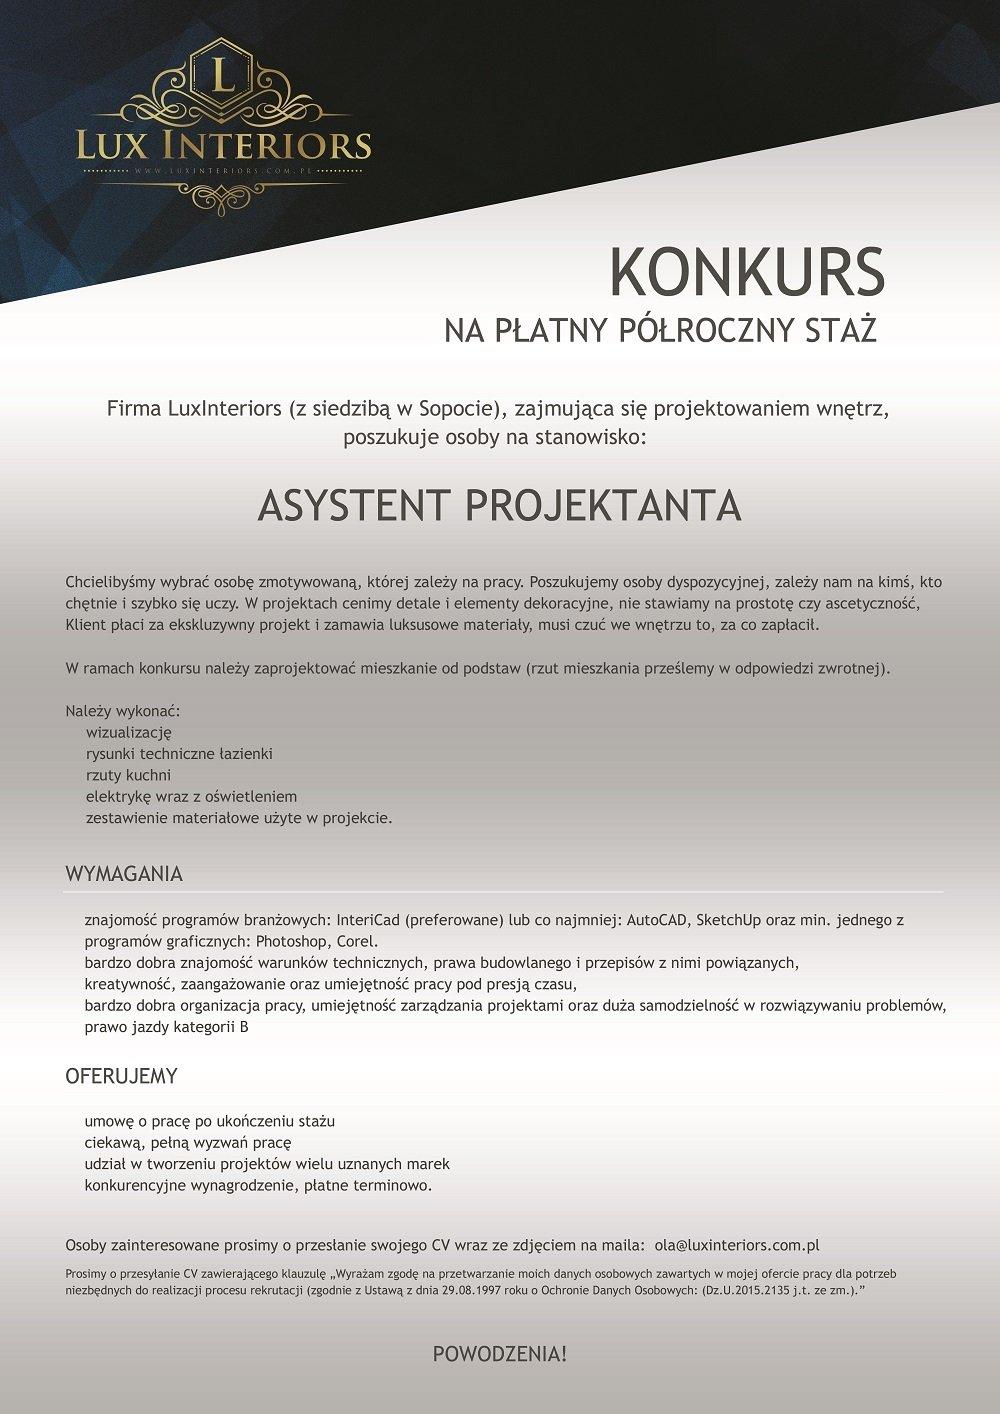 luxinteriors_KONKURS_staz